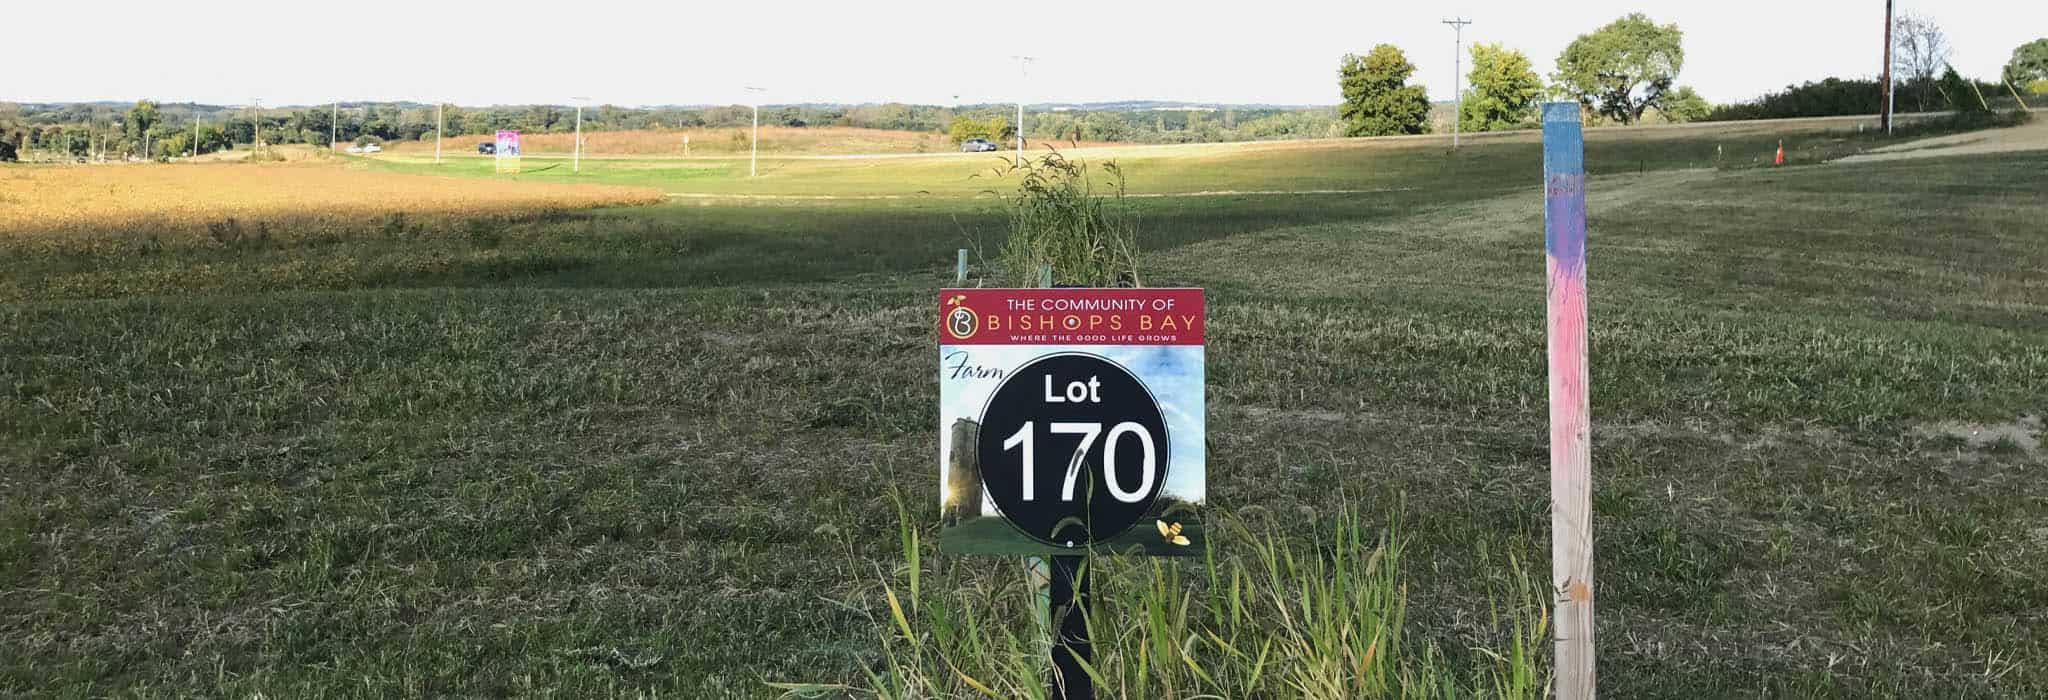 Farm Lot 170